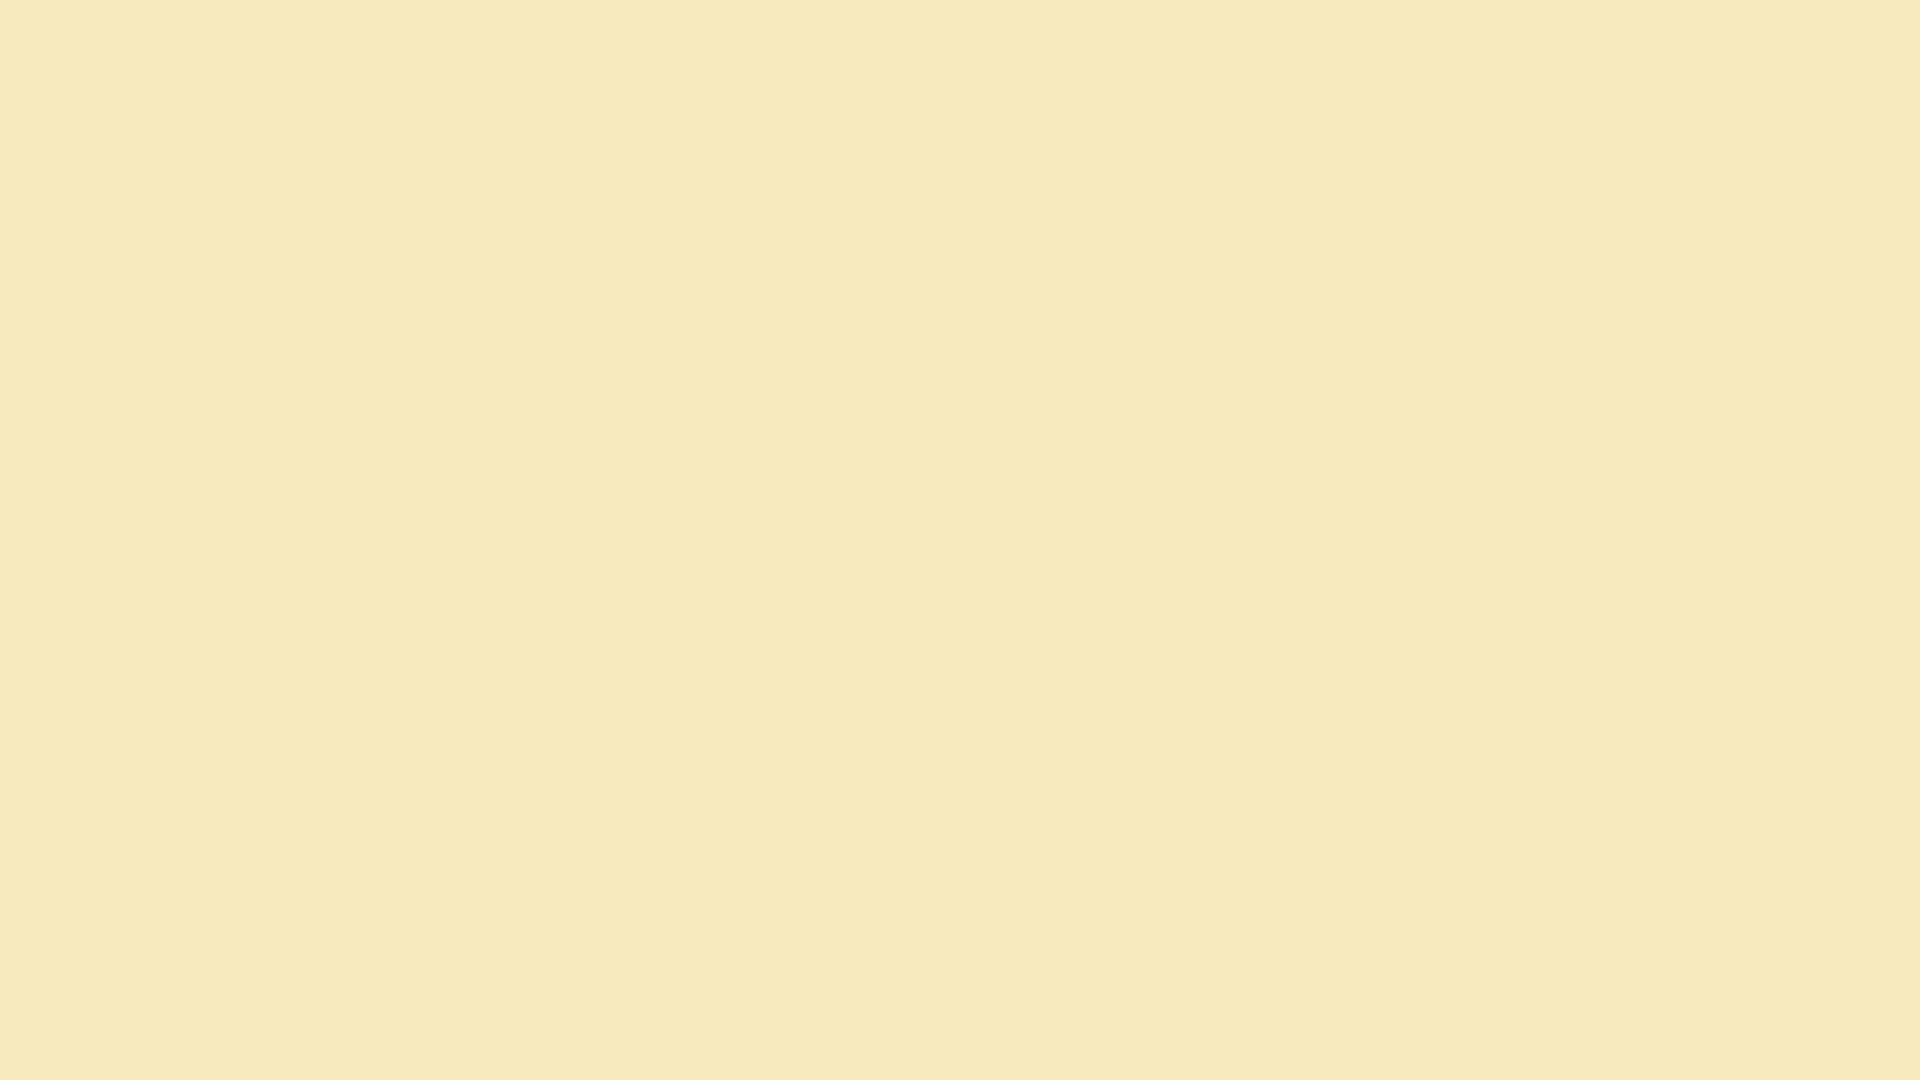 1920x1080 Lemon Meringue Solid Color Background